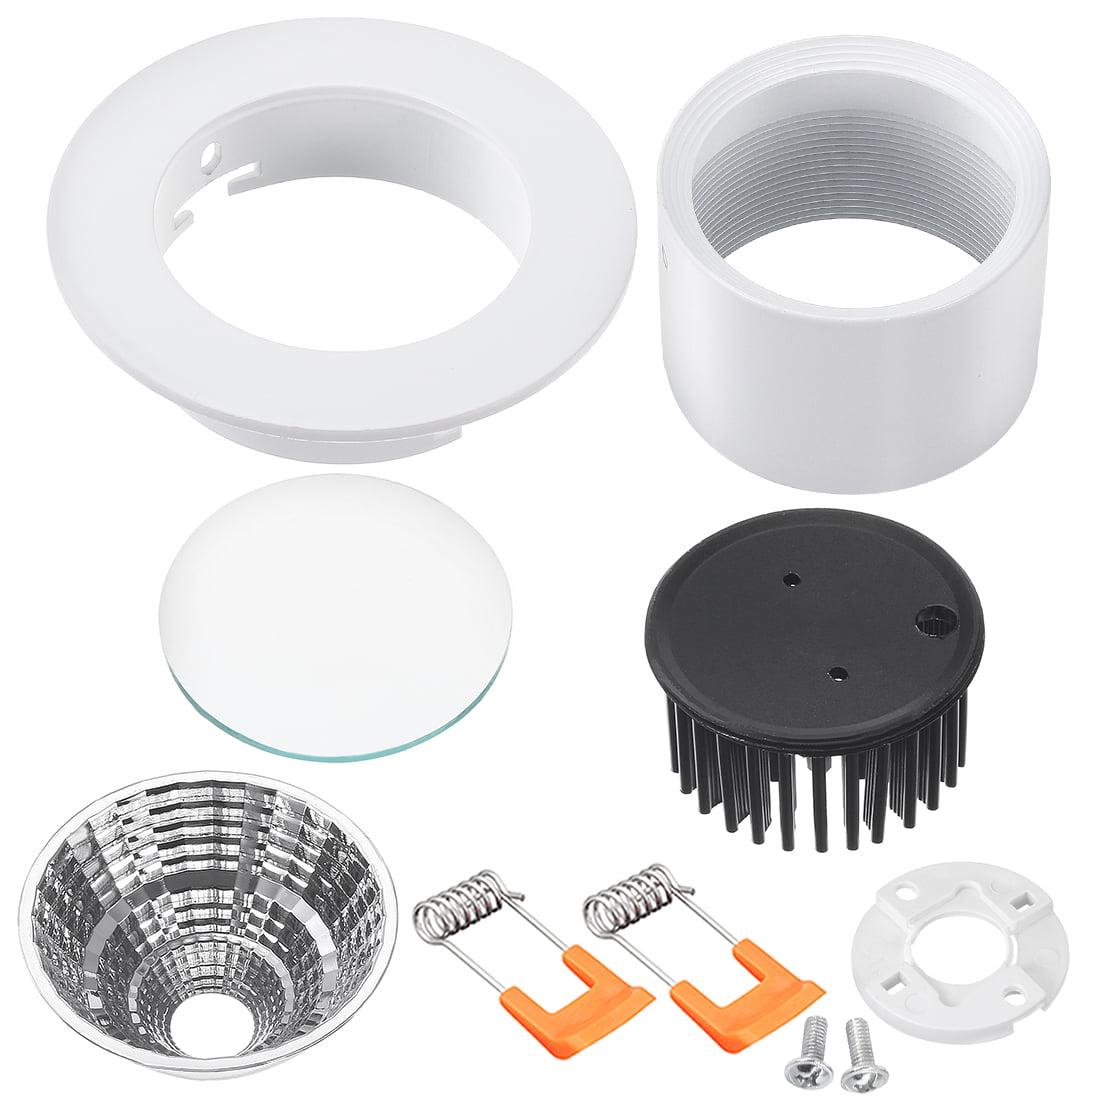 Unique Bargains 4pcs 90mm Dia 5W COB Downlight Housing Recessed Spotlight Lamp Shell White - image 1 de 5